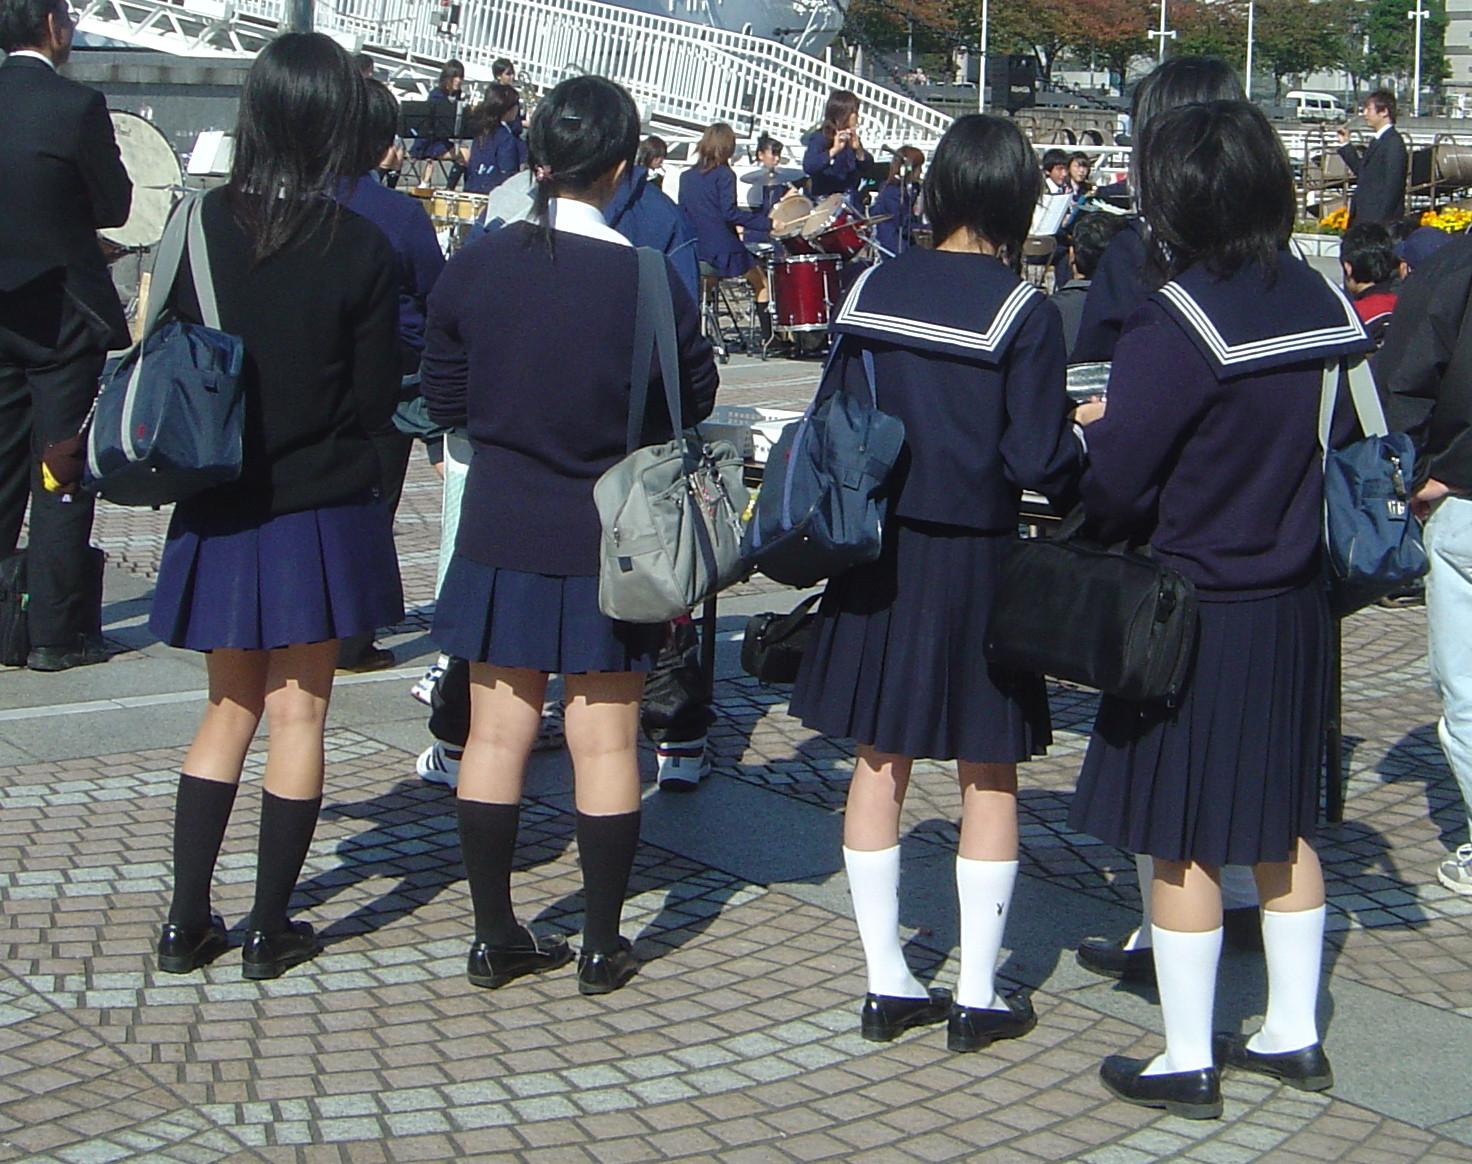 【エンタメ画像】《即ハボ女子JC画像》最近の中1アイドルのおヒップ!!!!!!!!!!!!!!!!!!!!!これは育成成功!!!!!!!!!!!!!!!!!!!!!!!!!!!